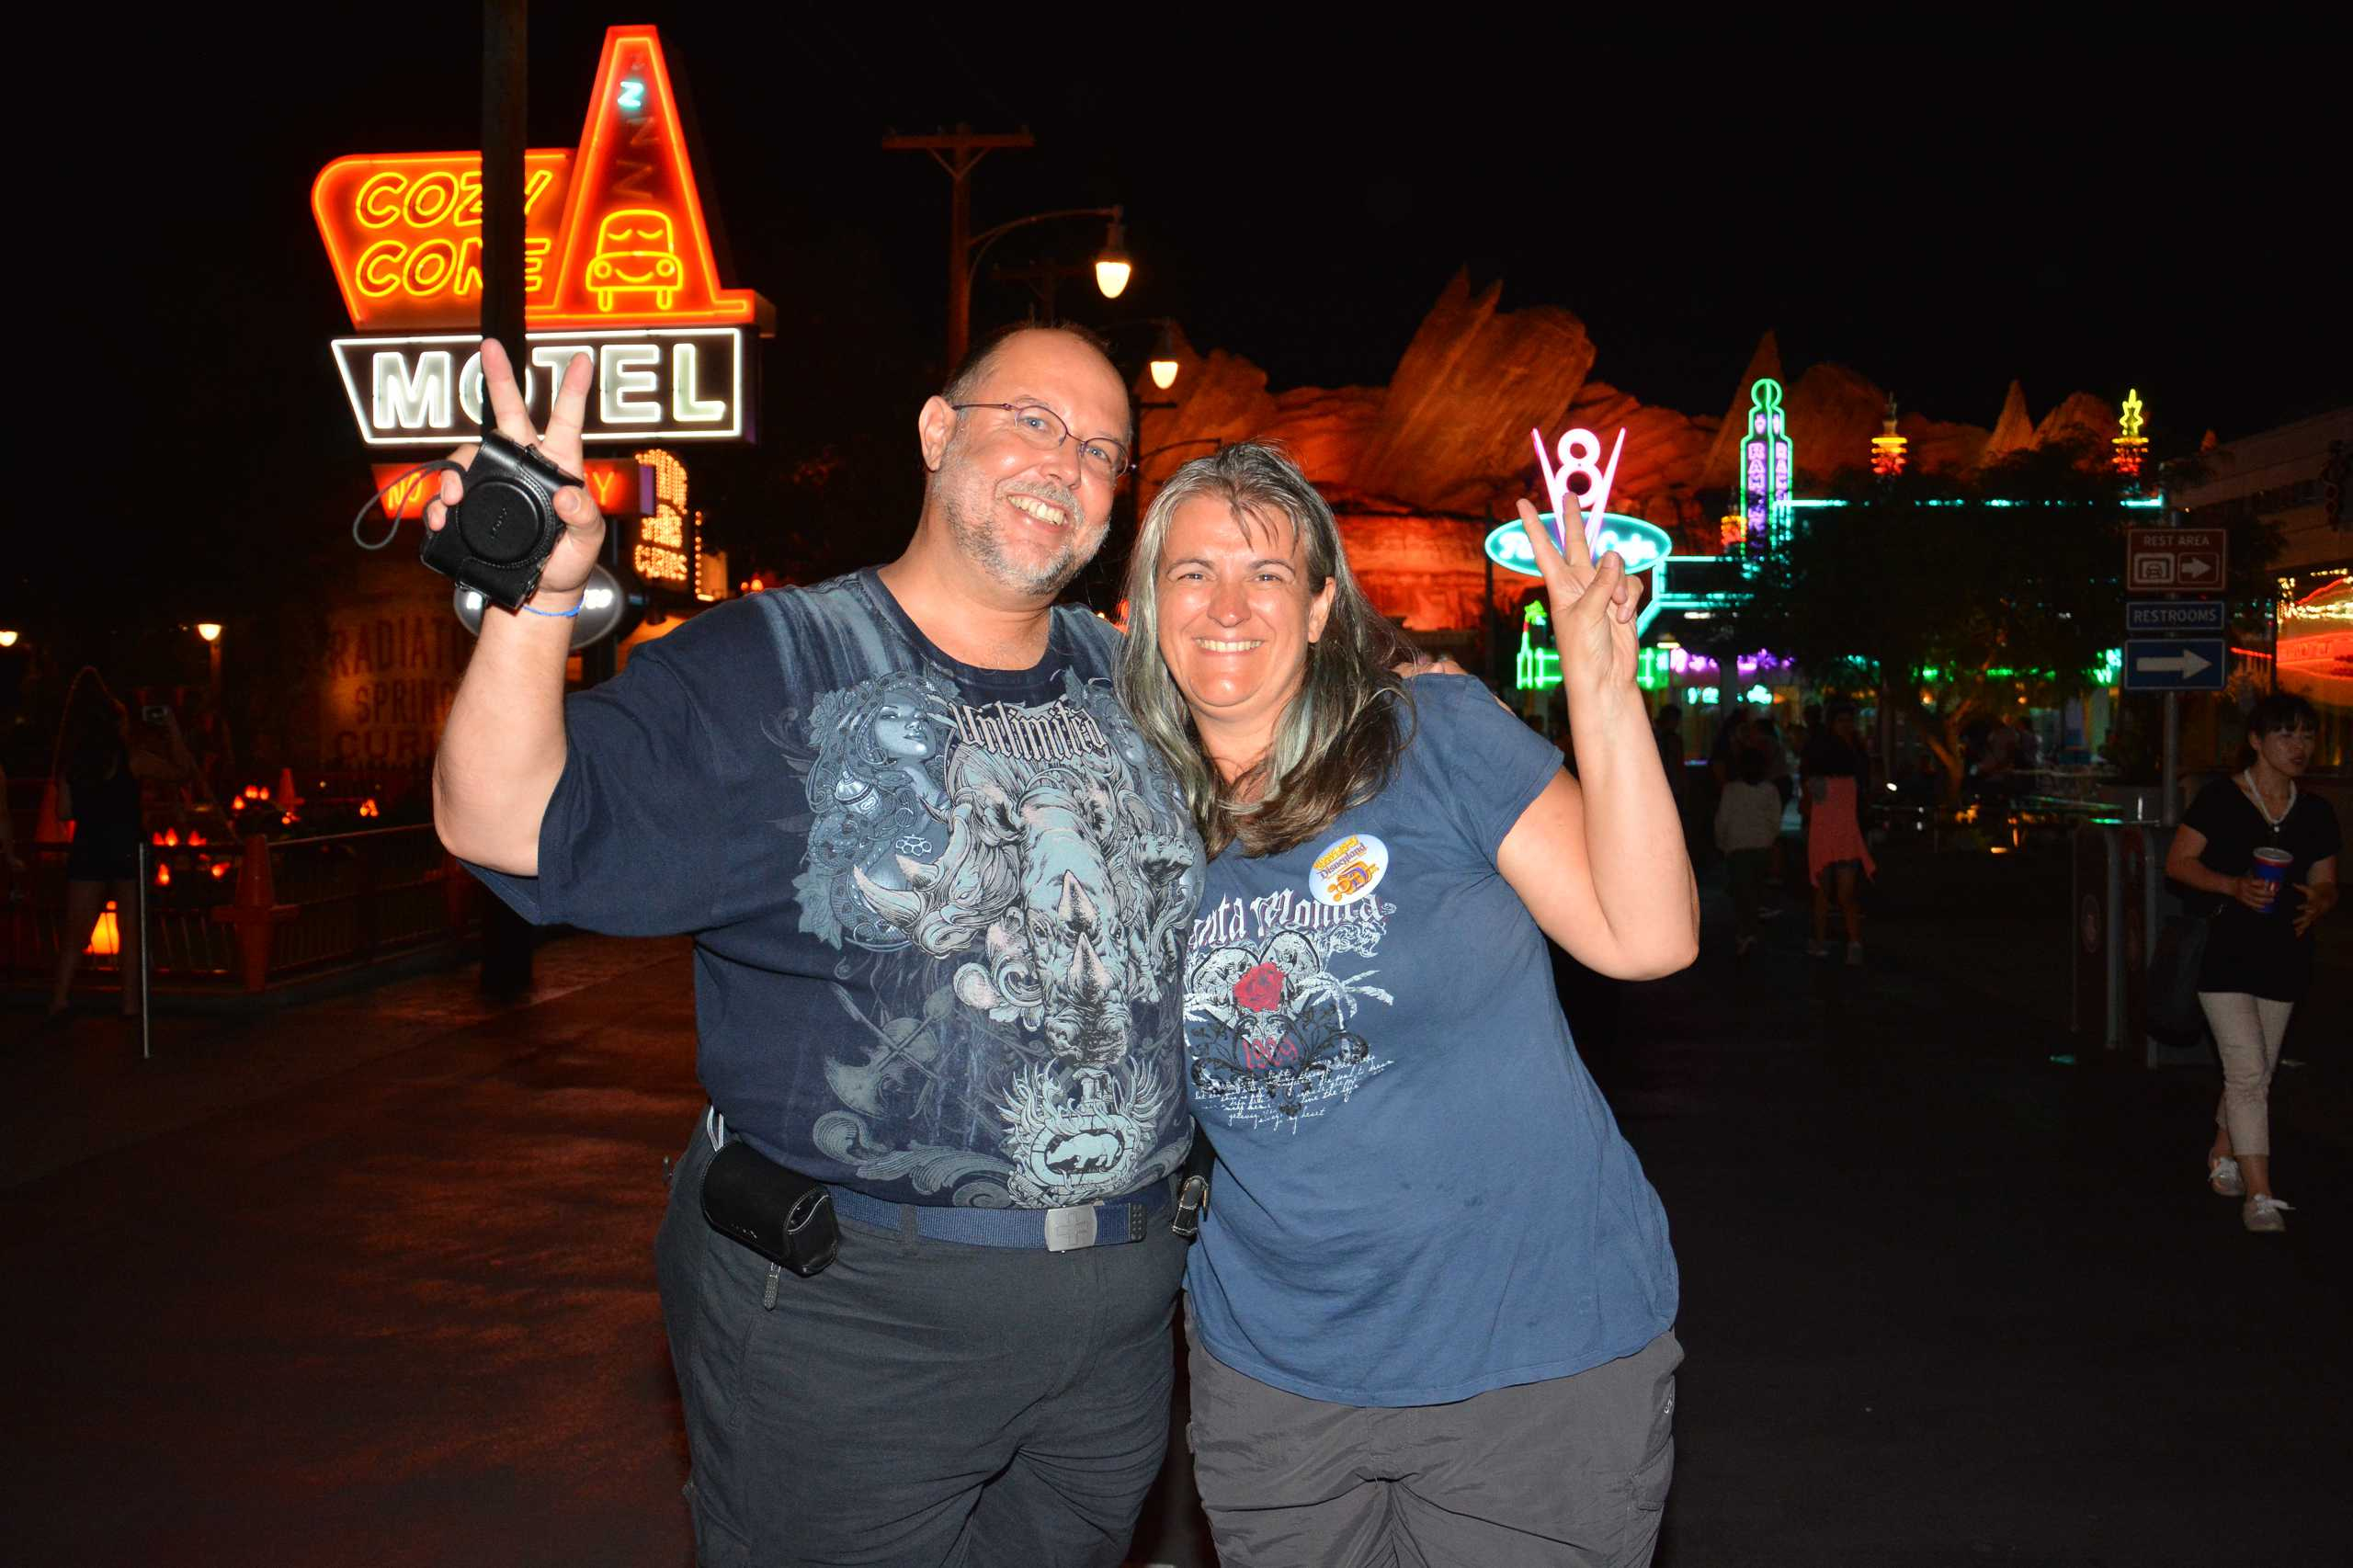 Reiner und Monica in der Neon beleuchteten Cars Szene